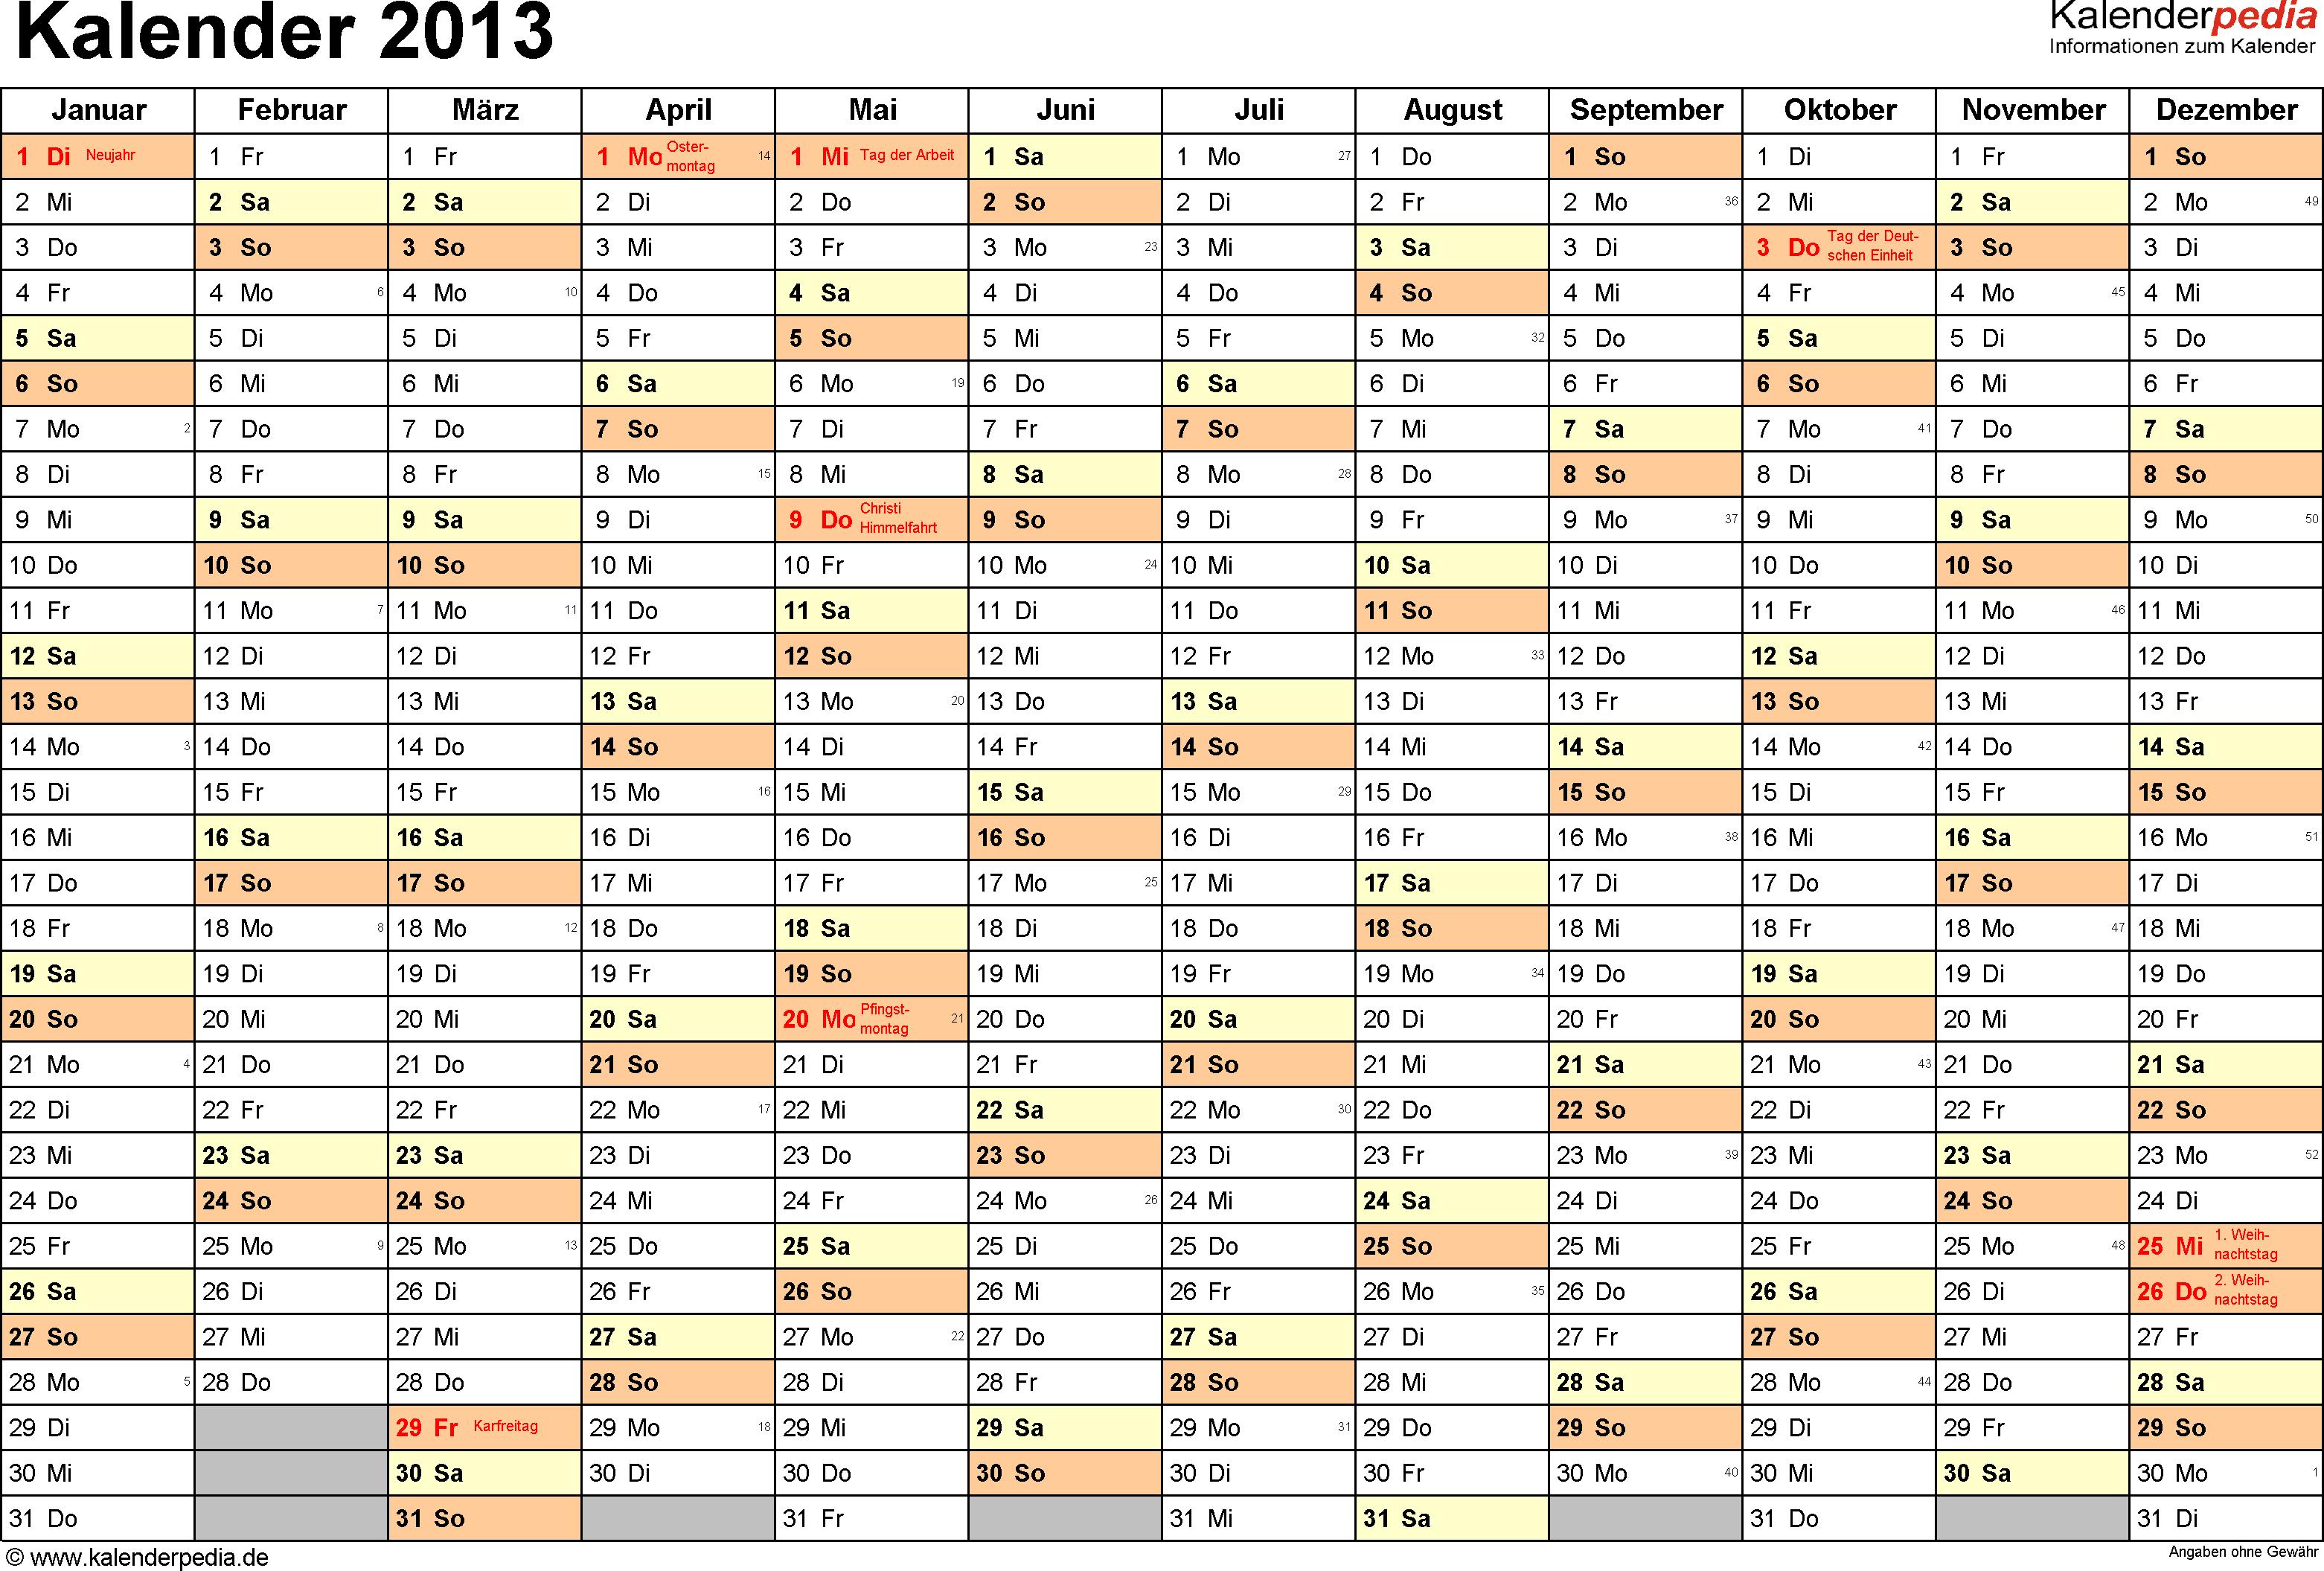 Vorlage 1: Jahreskalender 2013 als PDF-Vorlage, Querformat, DIN A4, 1 Seite, Monate nebeneinander, Tage untereinander, mit Feiertagen und Kalenderwochen